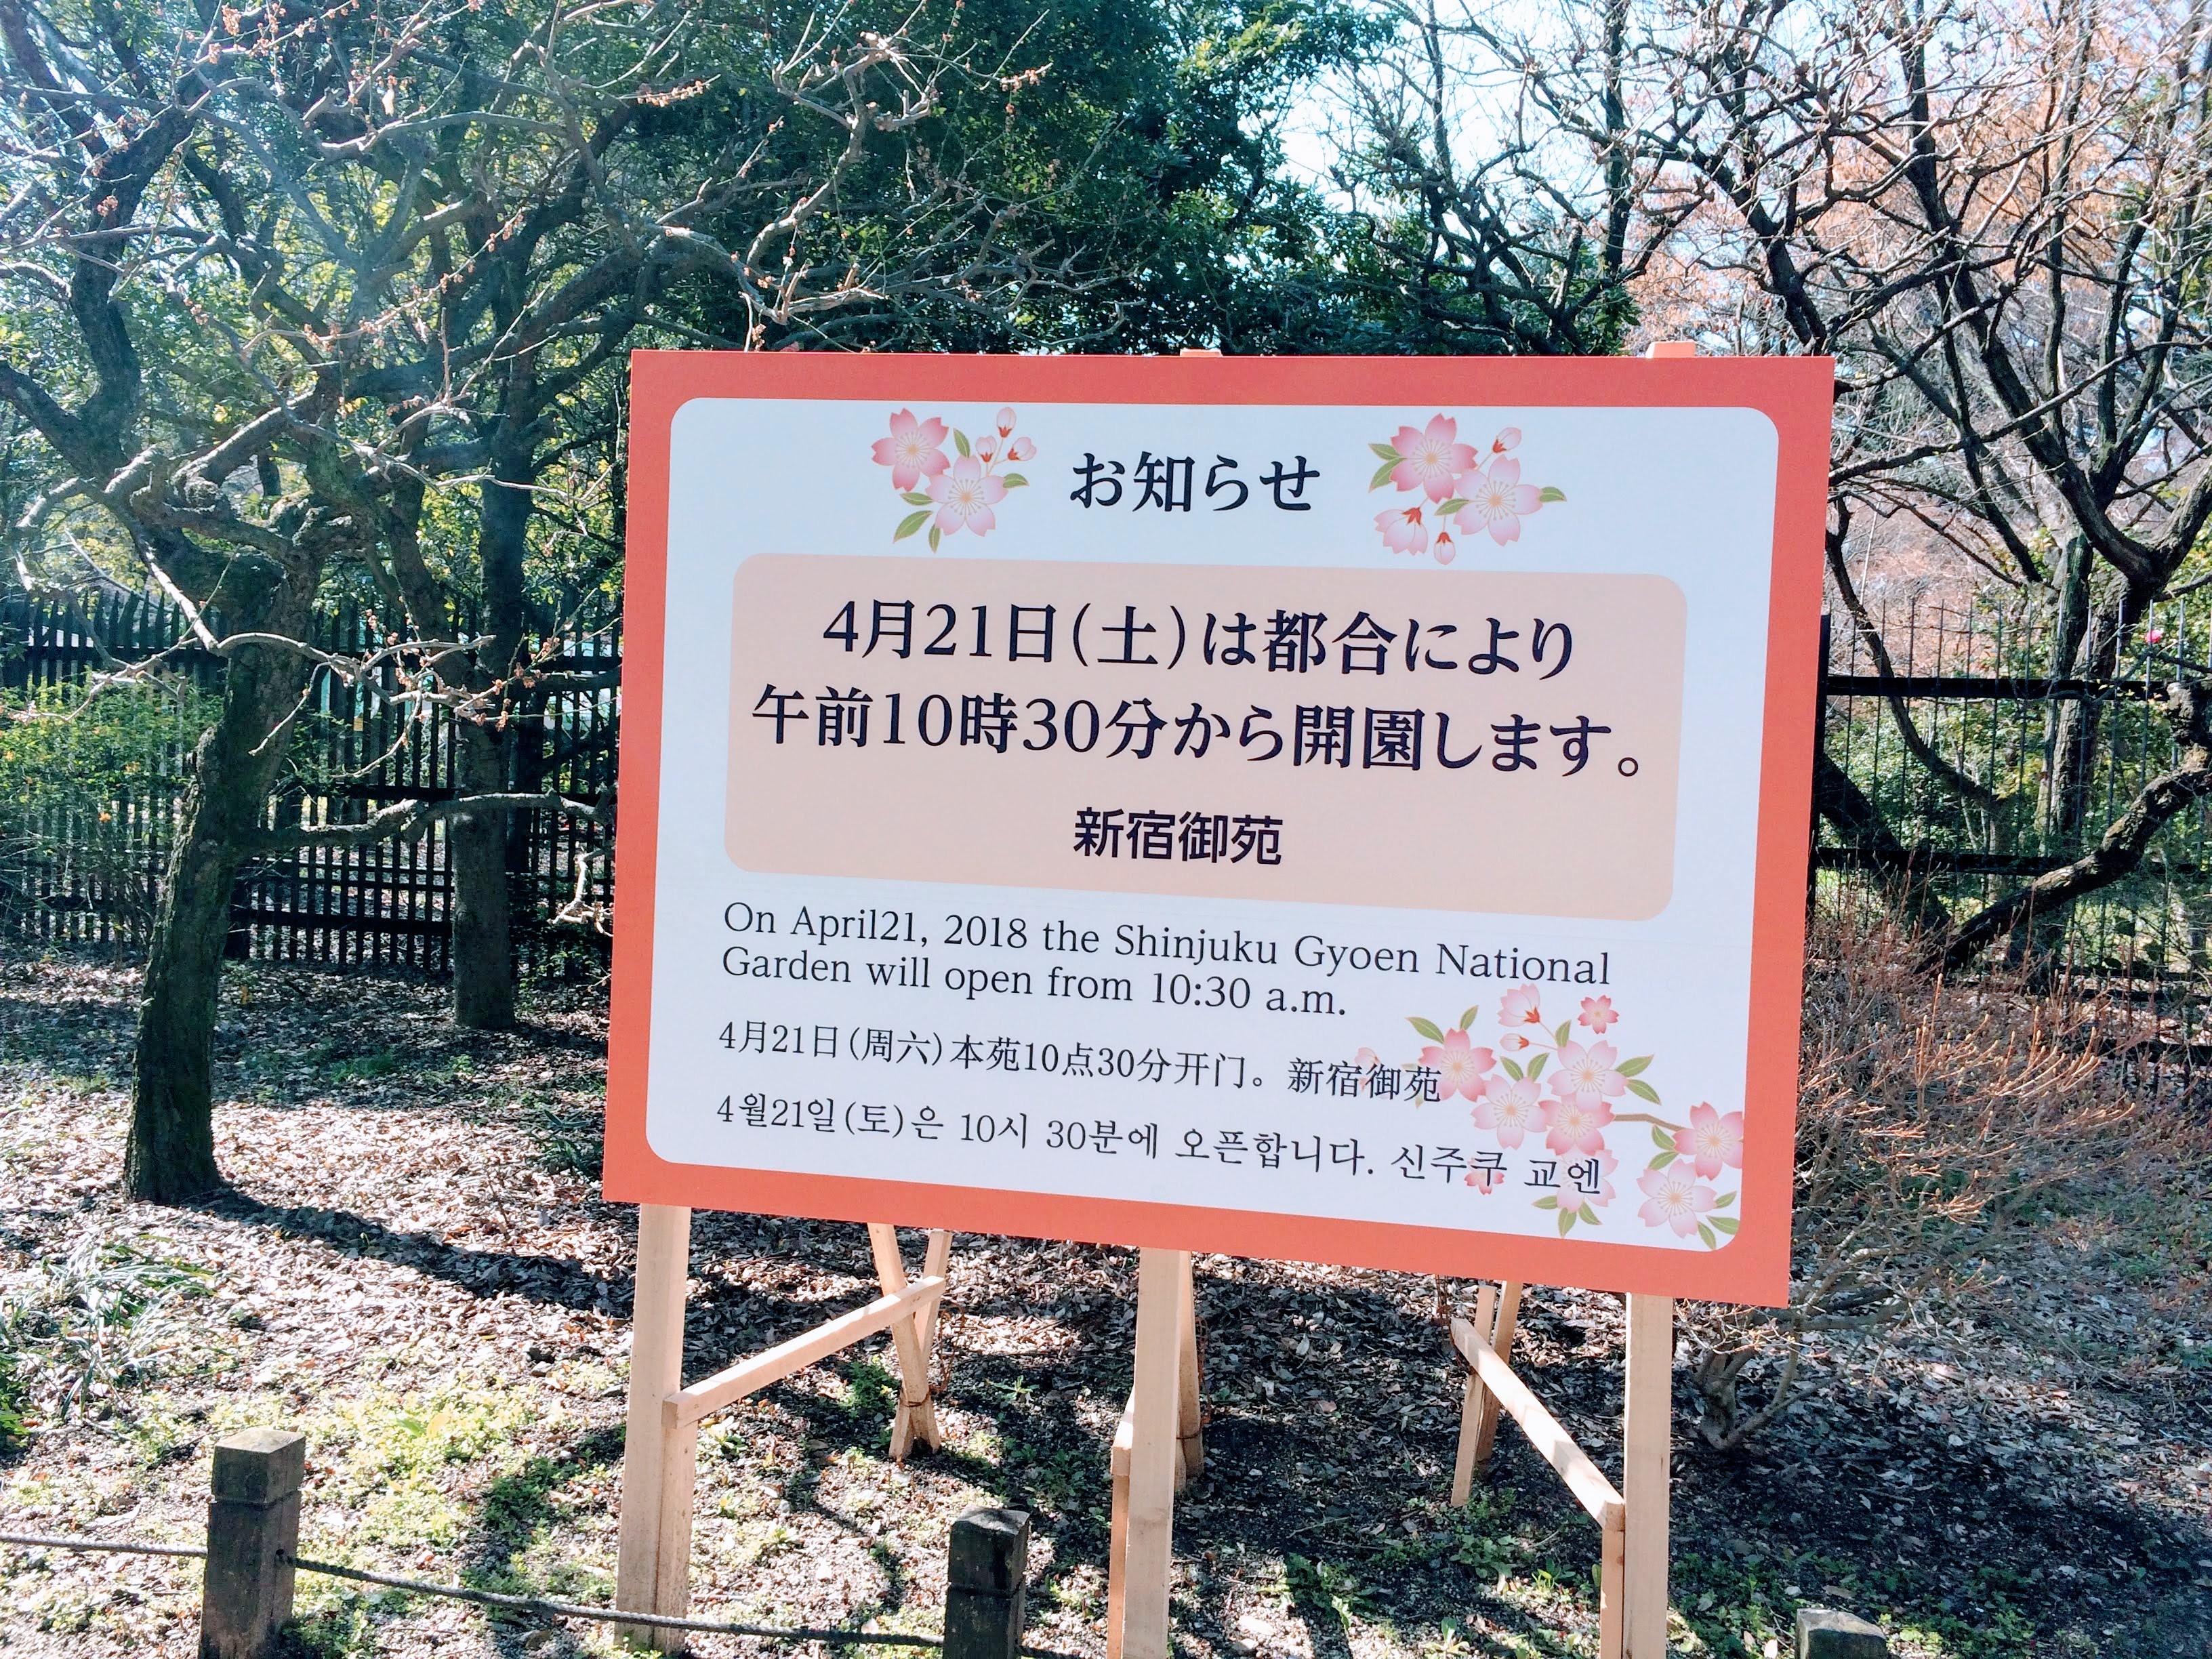 新宿御苑で総理が花見をする日は2018年4月21日(土曜日)